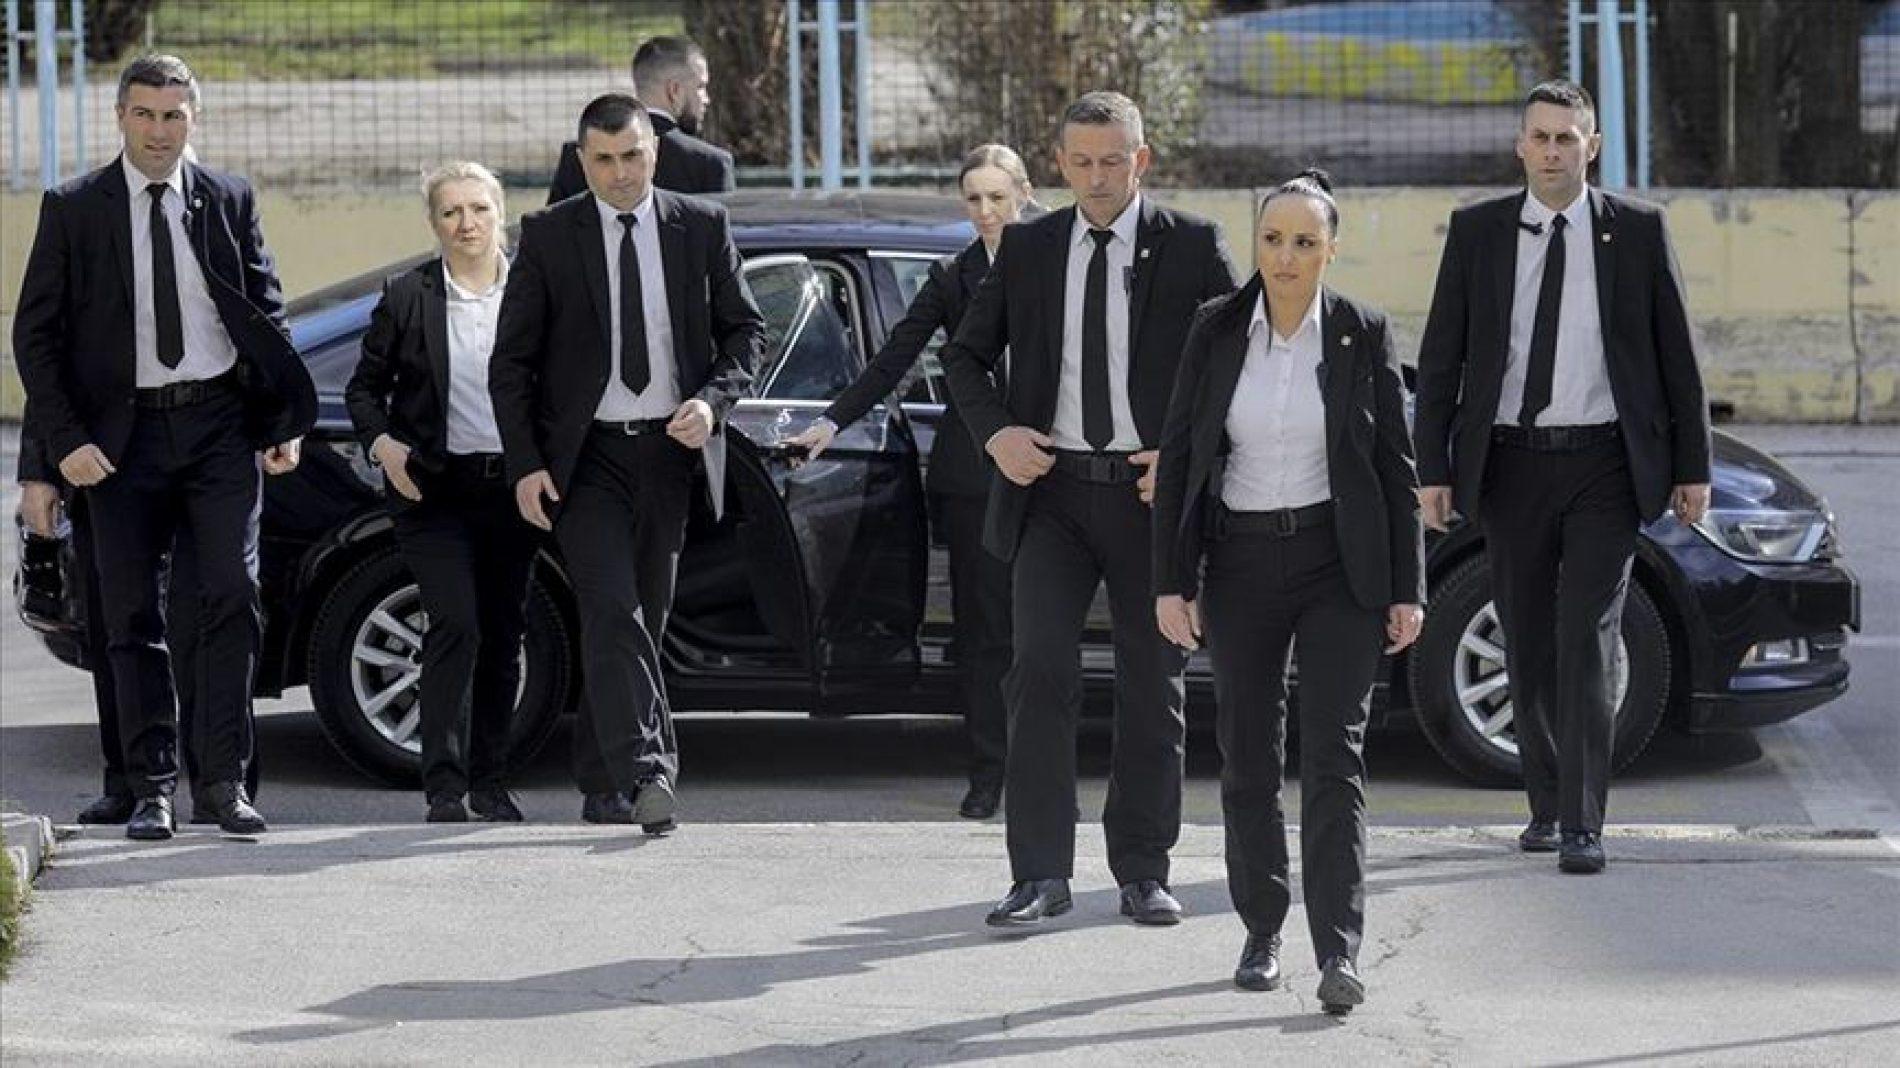 Bosanke koje čuvaju VIP delegacije: Osiguravale Erdogana, Merkel, papu..